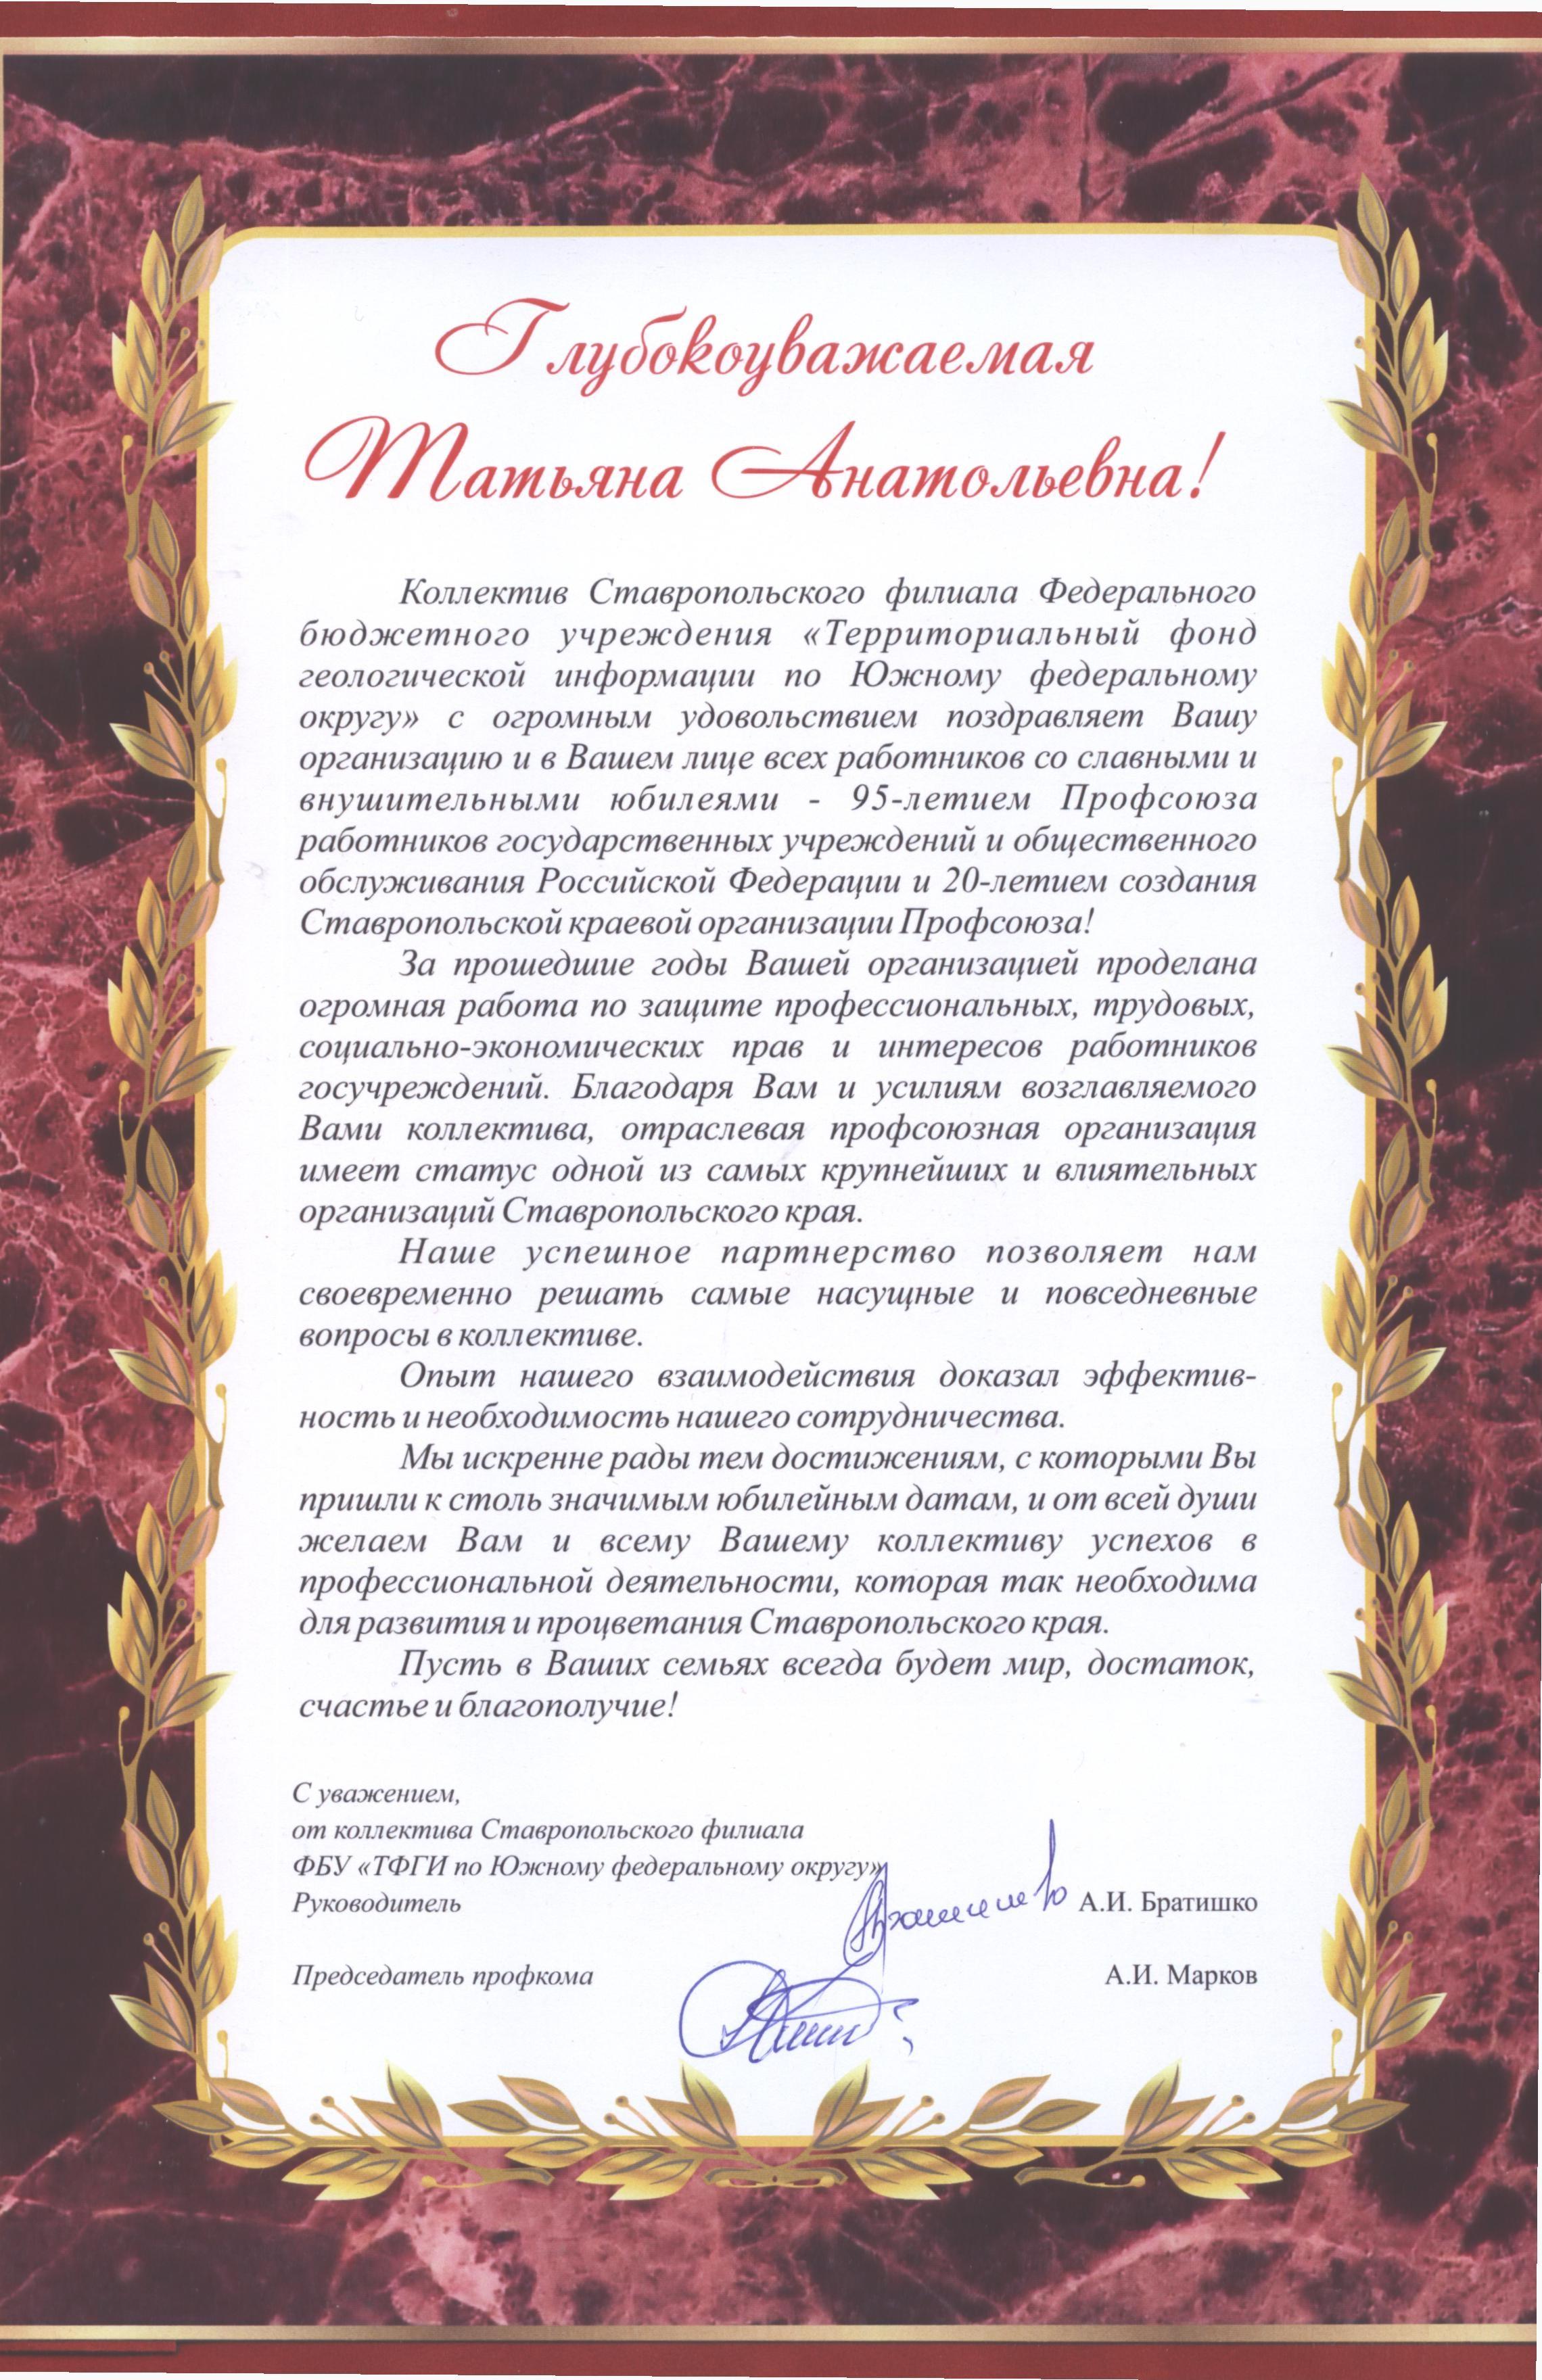 Поздравление профсоюза к 95 летию